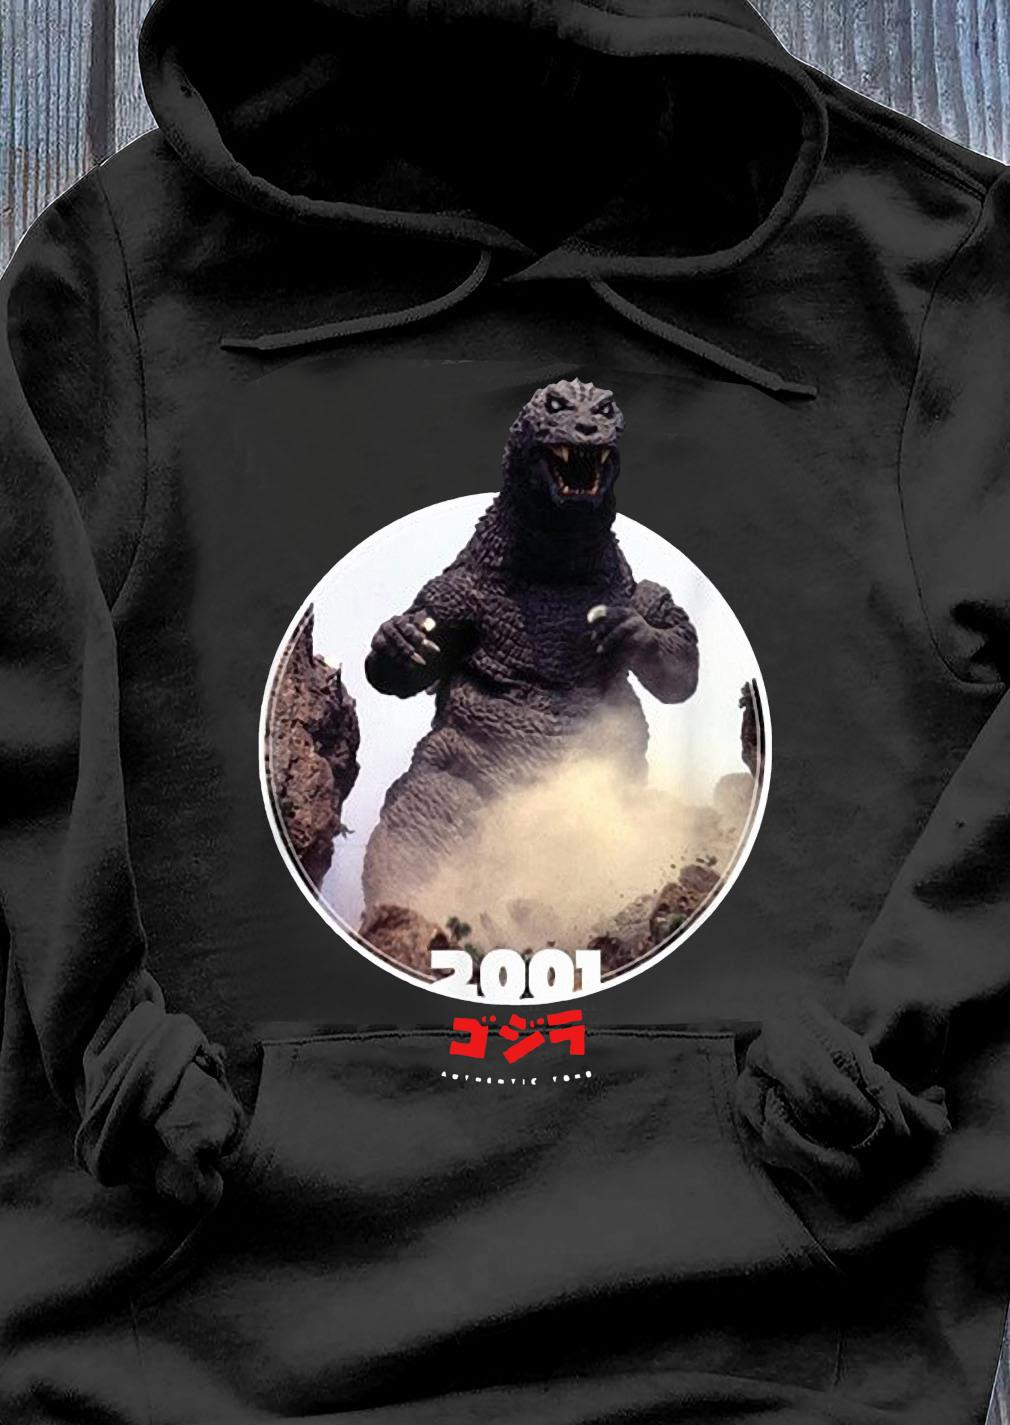 Godzilla 2001 GMK Icons of Toho Shirt Hoodie